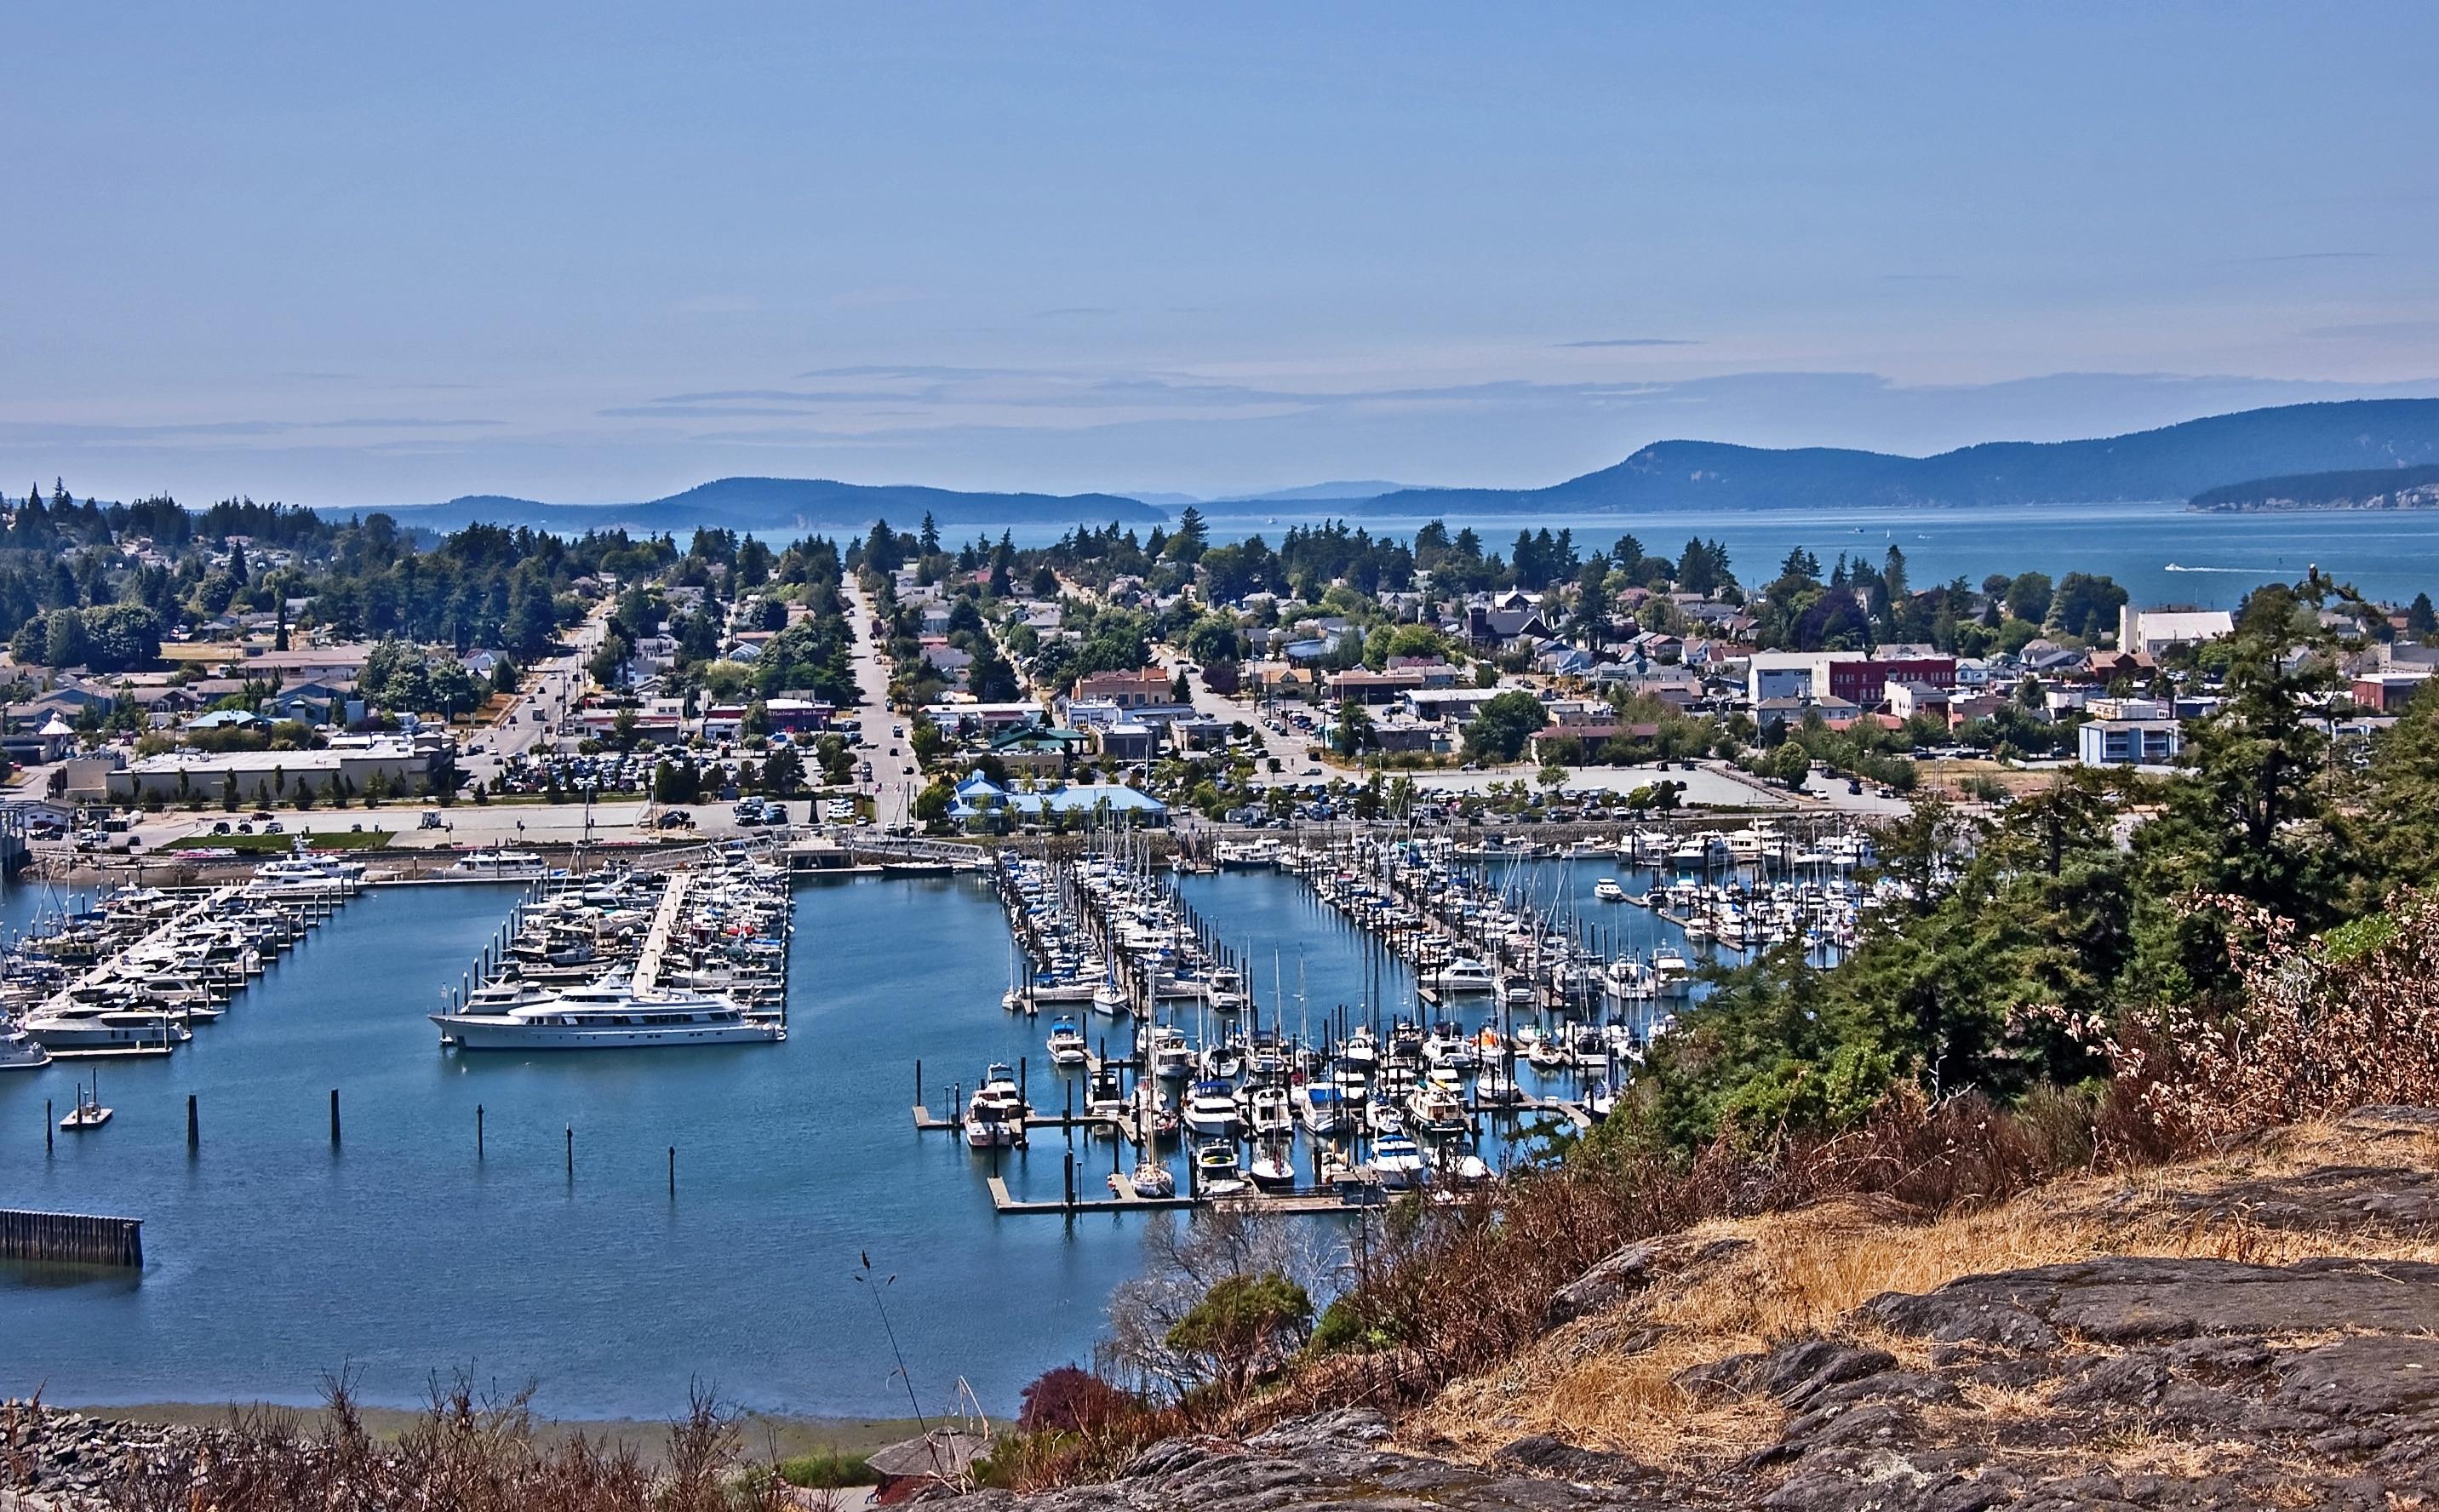 Fidalgo Island, Washington, United States of America